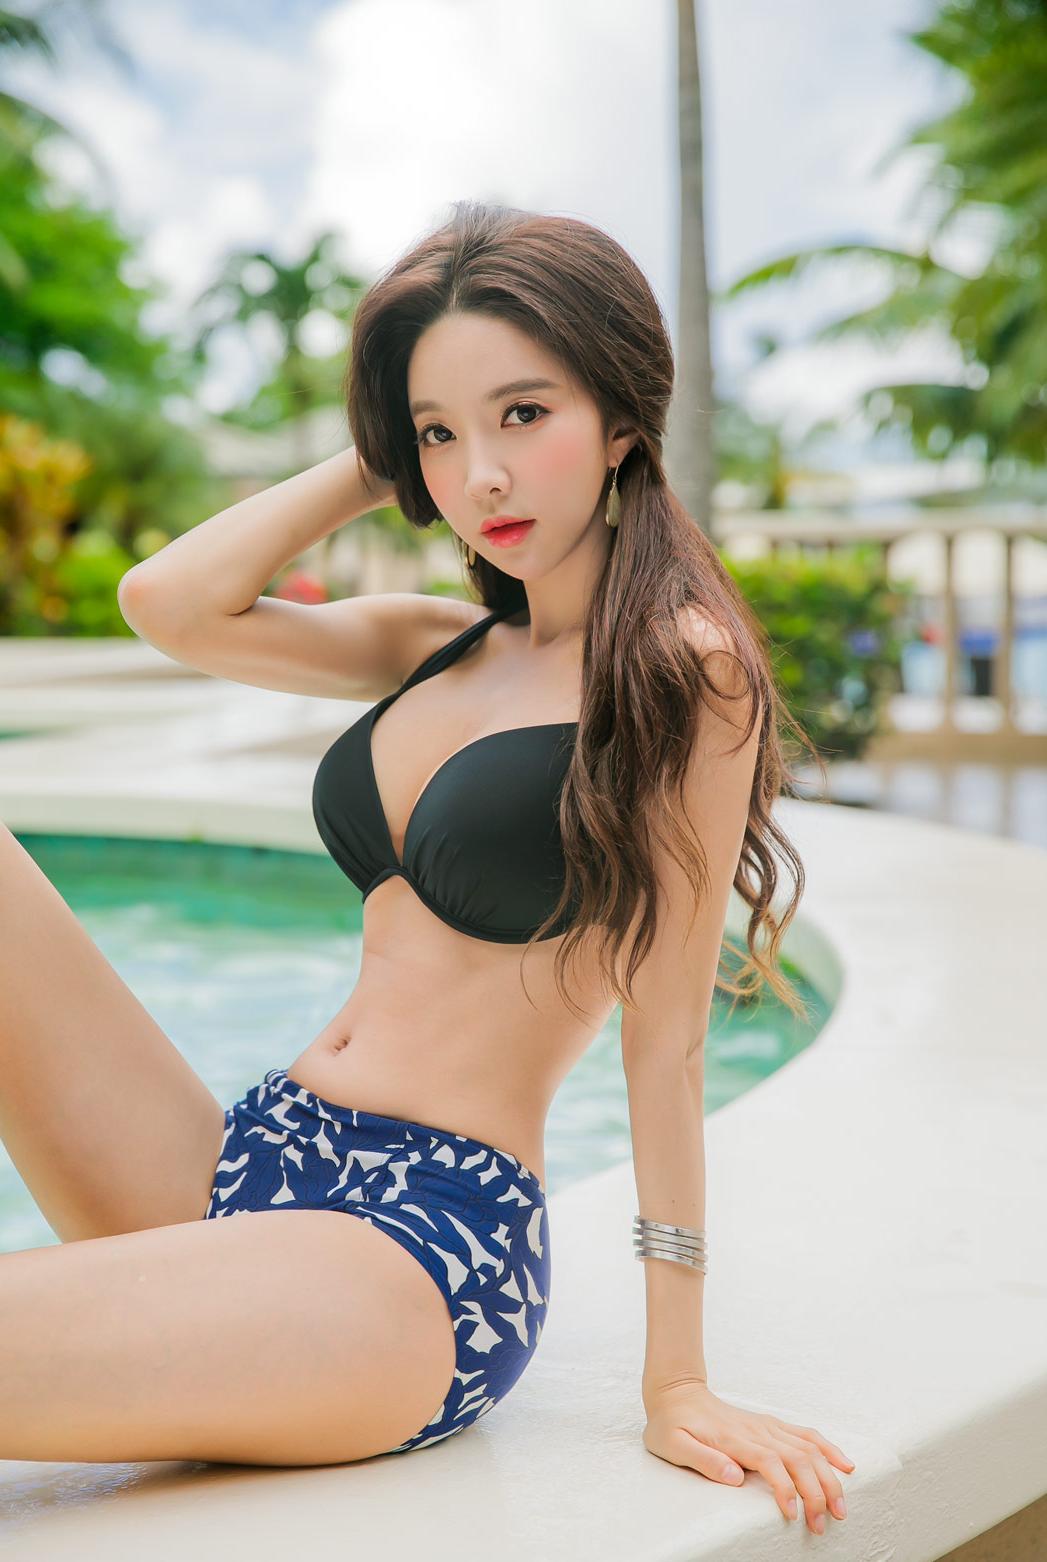 Beautiful asian bikini model stock photo footage